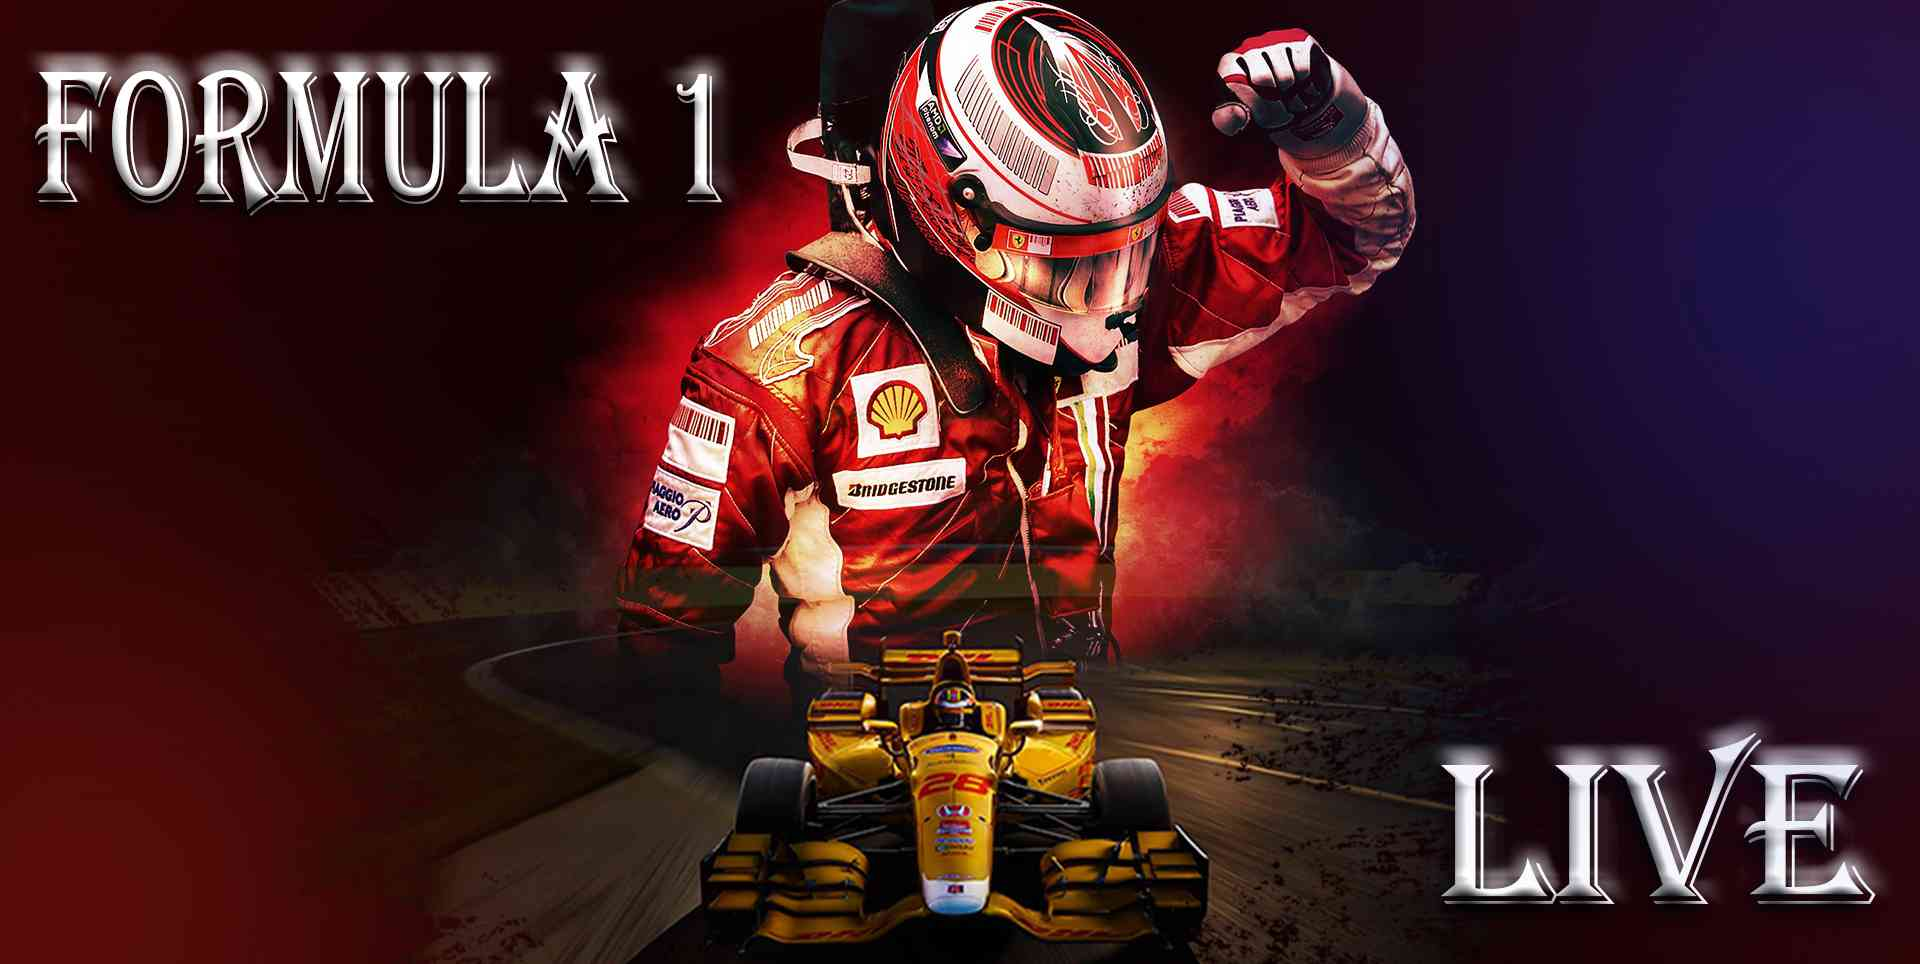 2016 Formula 1 Mexican Grand Prix Live